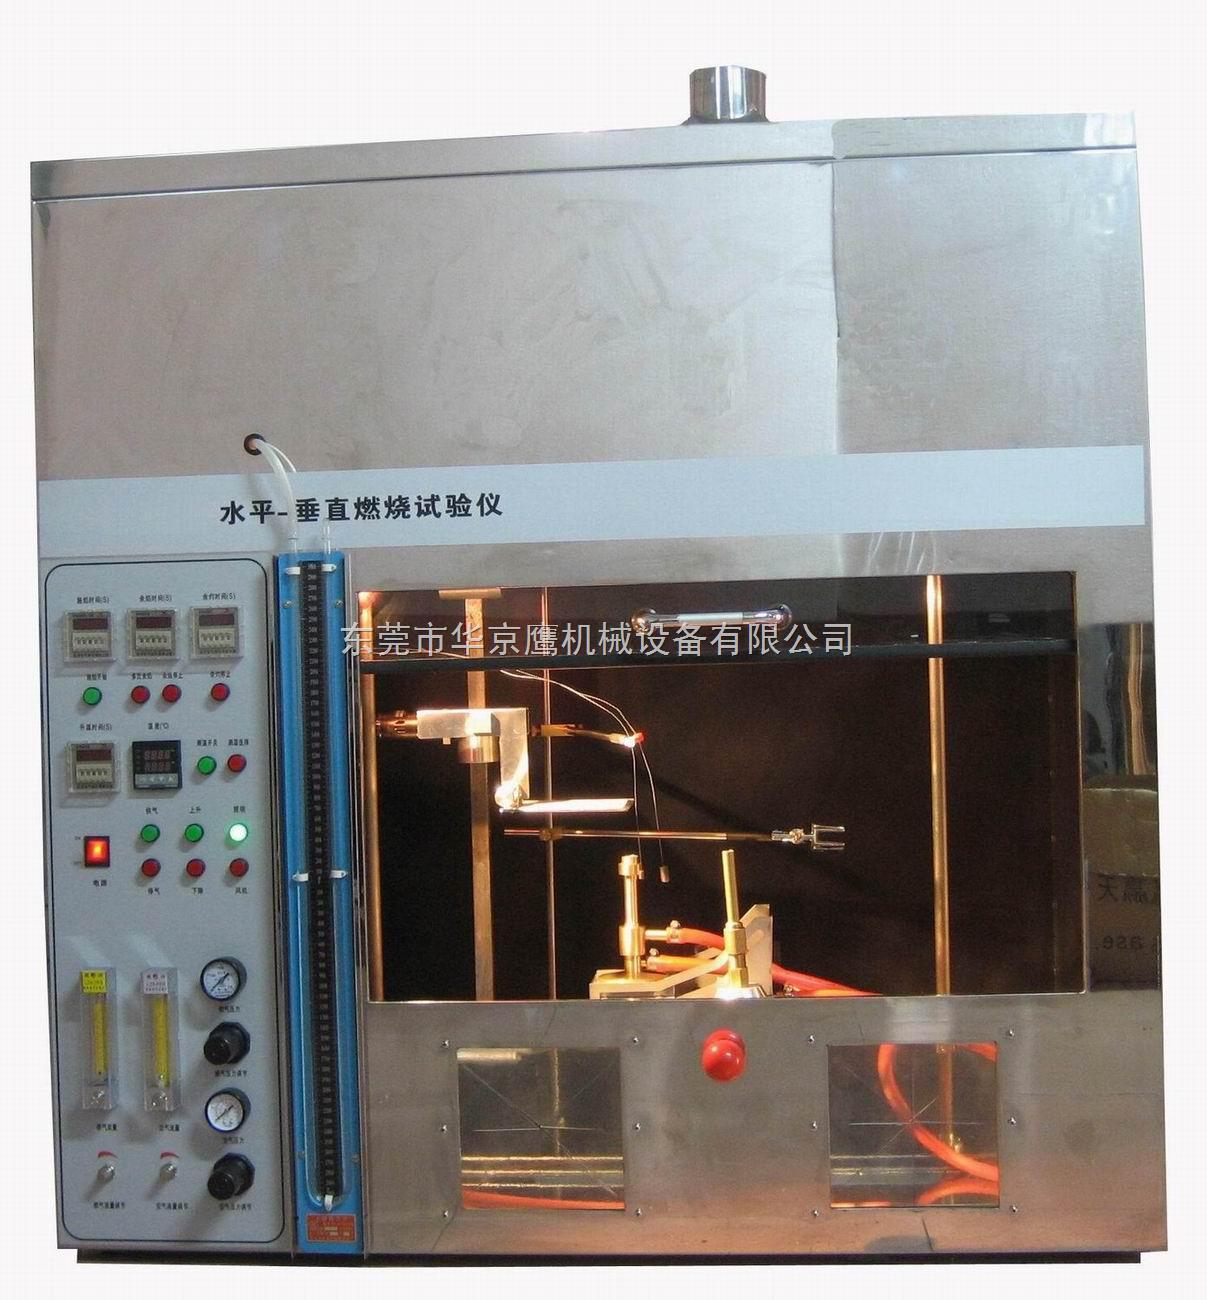 硅胶燃烧机UL94水平垂直燃烧试验塑料燃烧机线缆燃烧机